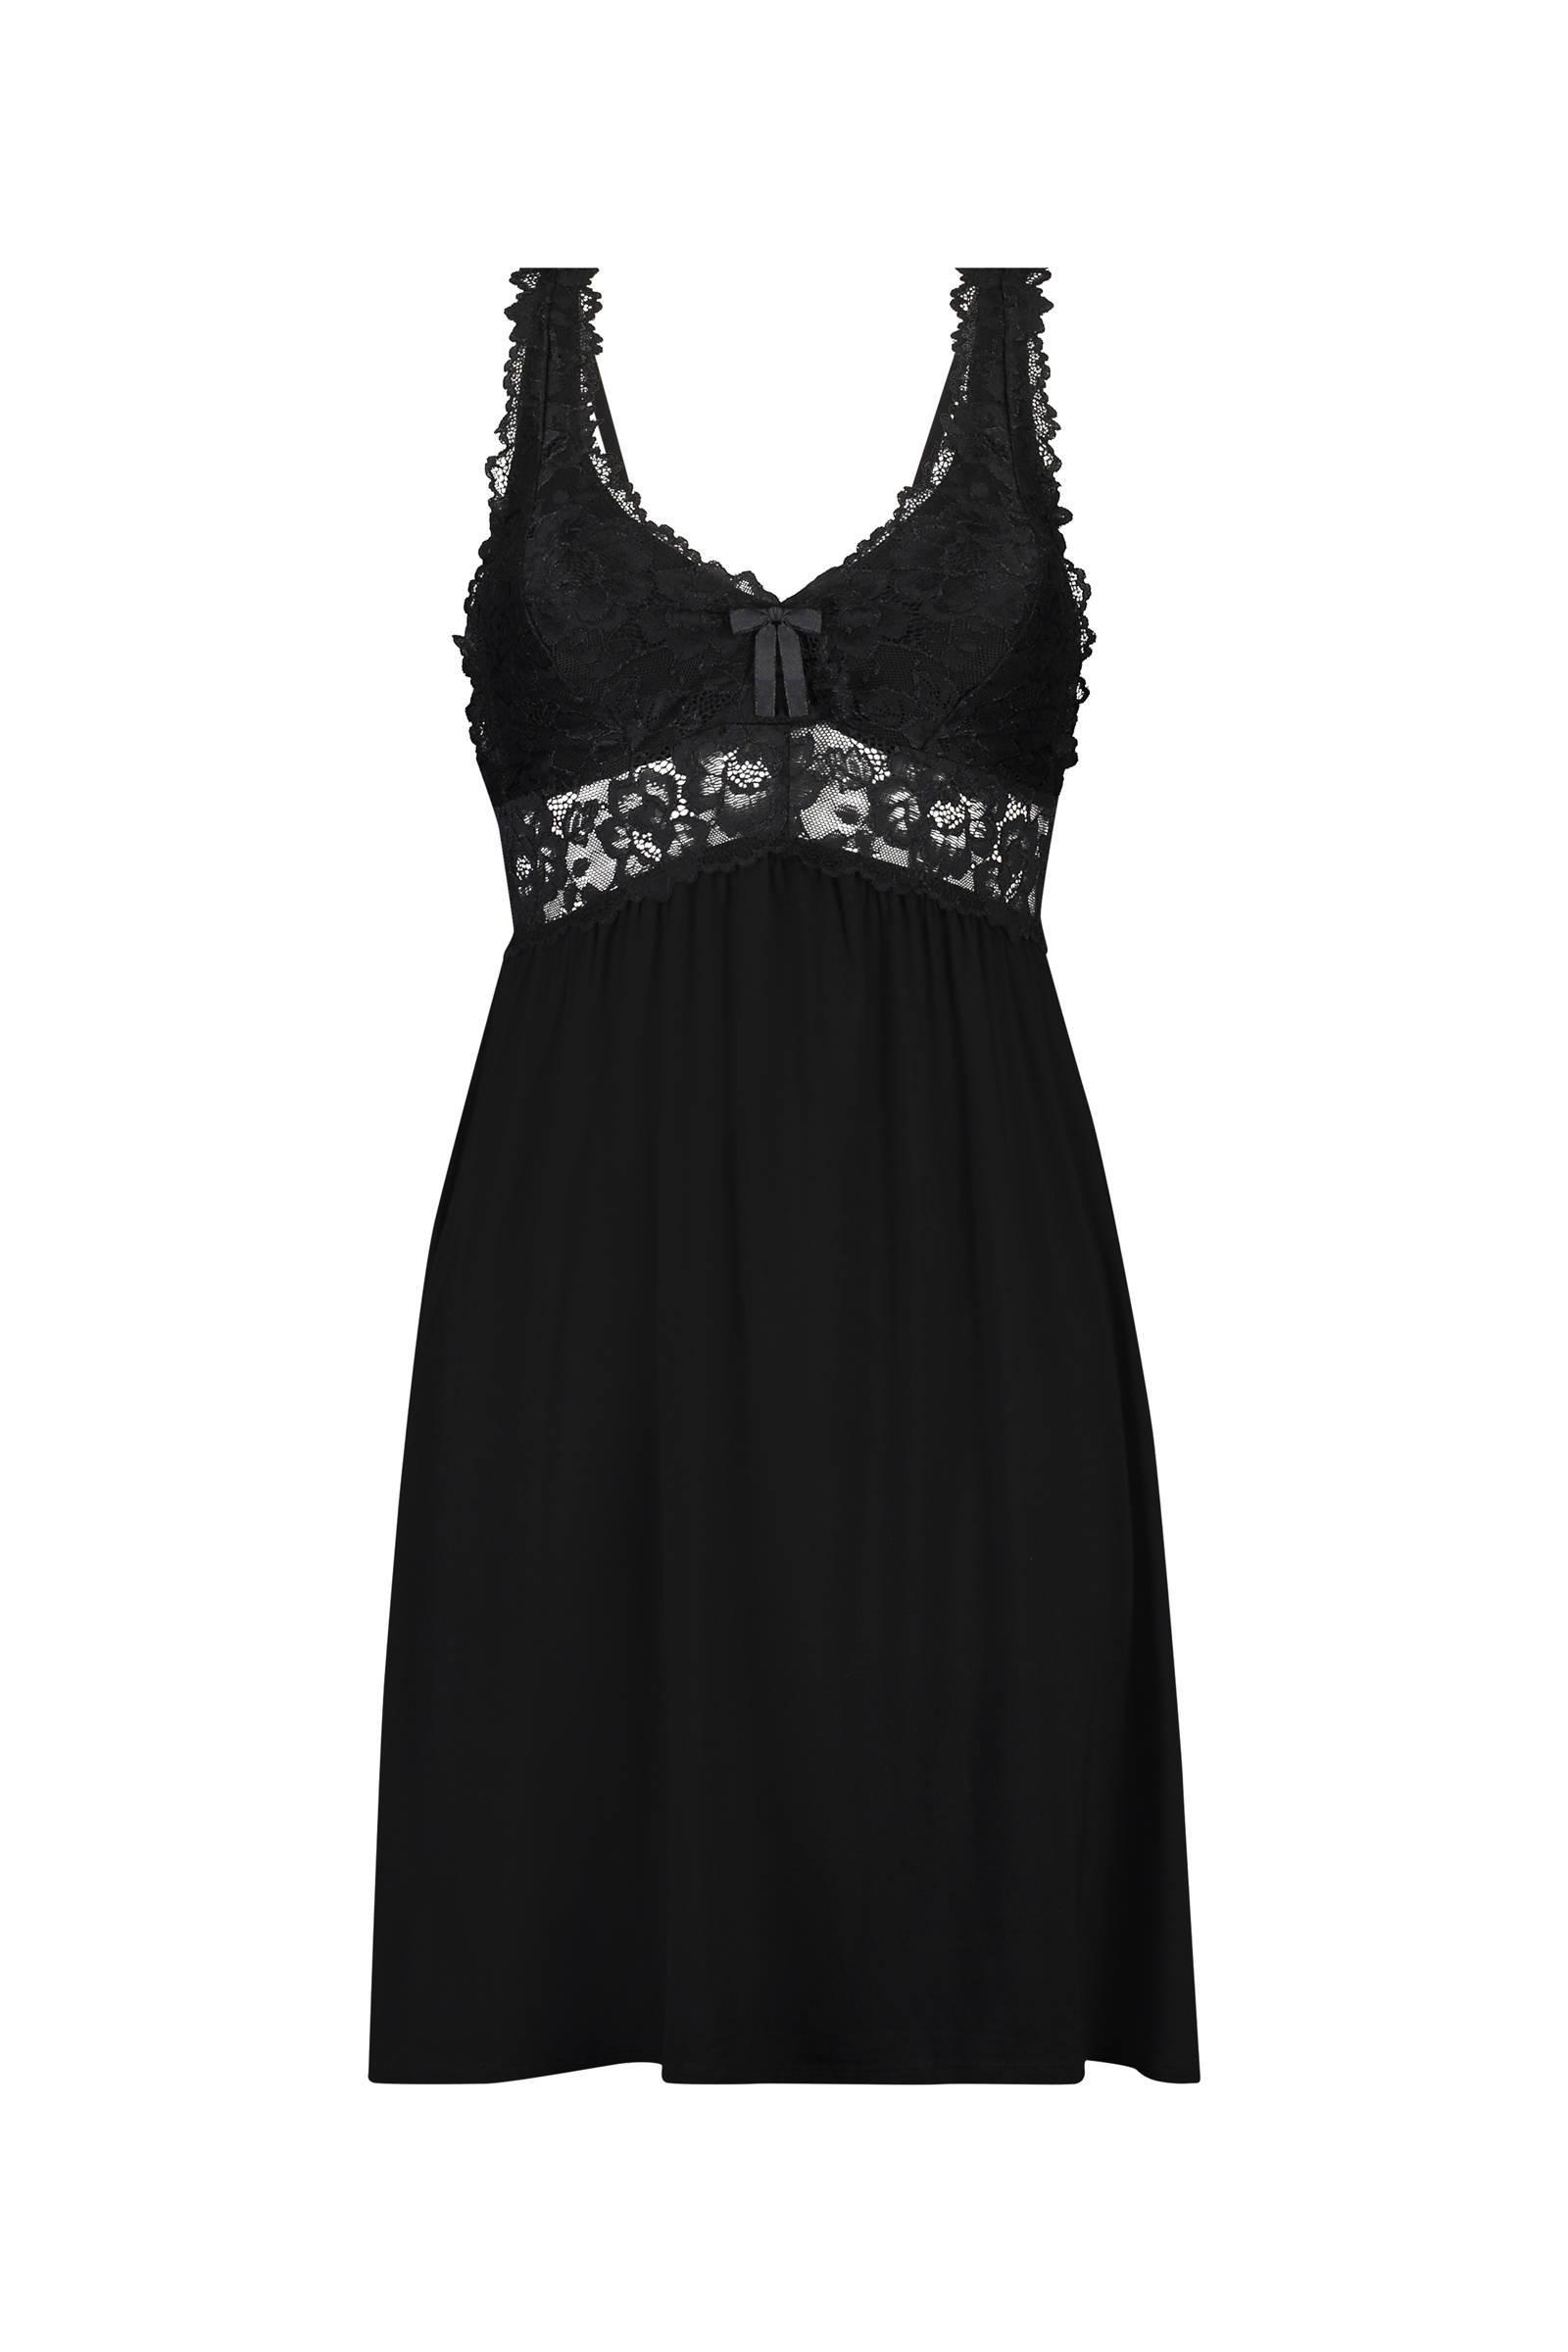 225fc92a4 hunkemoller-slipdress-modal-lace-zwart-zwart-8715319143509.jpg